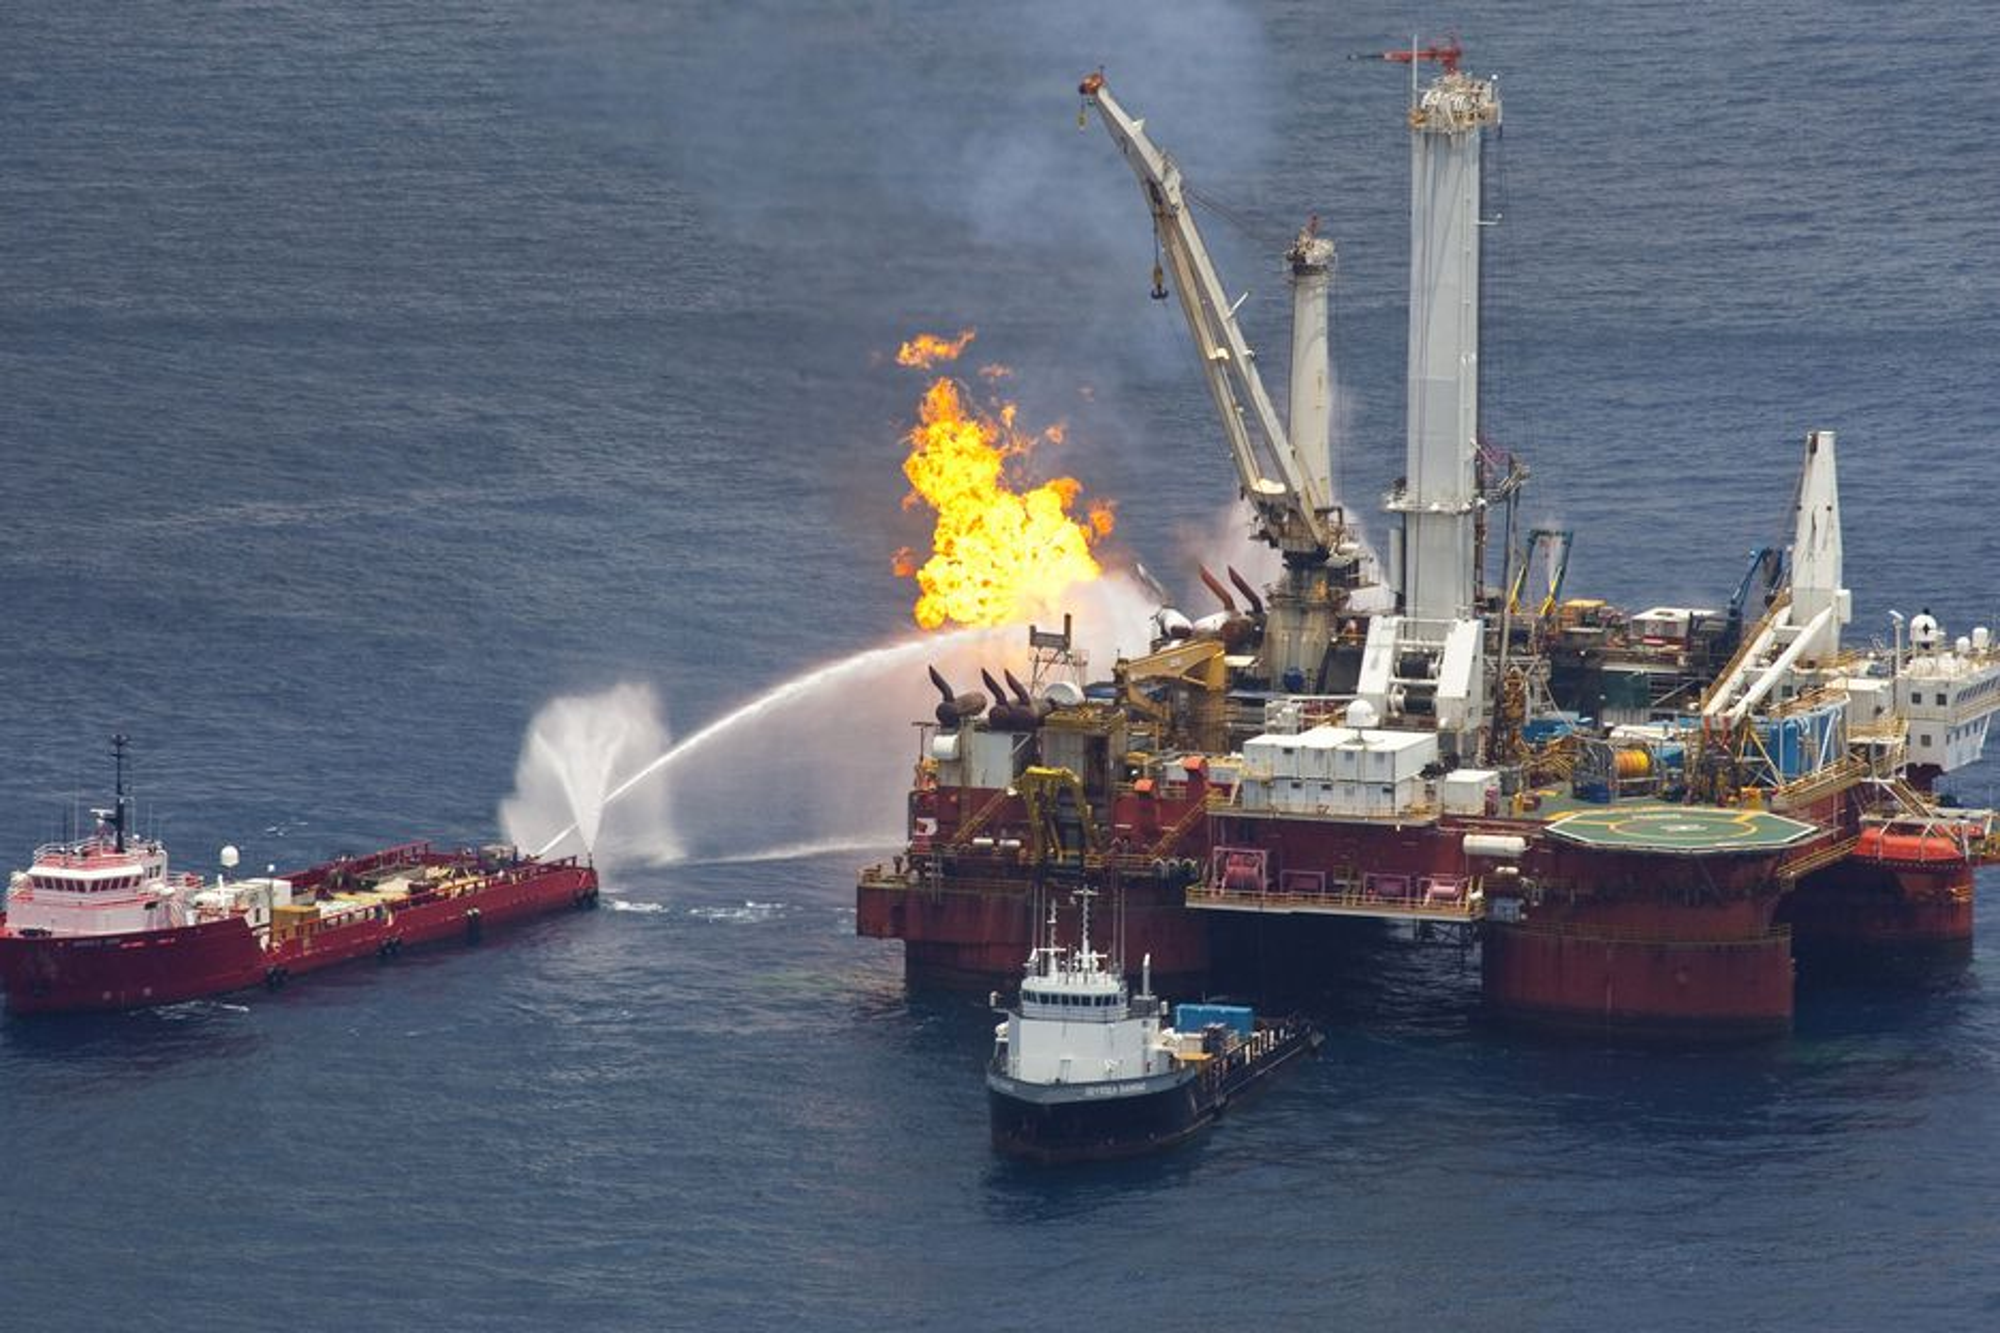 En domstol i USA har beordret stans i olje- og gassboringen i Tsjuktsjerhavet utenfor Alaska i påvente av mer grundige miljøutredninger av konsesjoner som ble gitt i 2008. Miljøorganisasjoner mener katastrofen i Mexicogolfen viser hvor viktig miljøutredninger er.